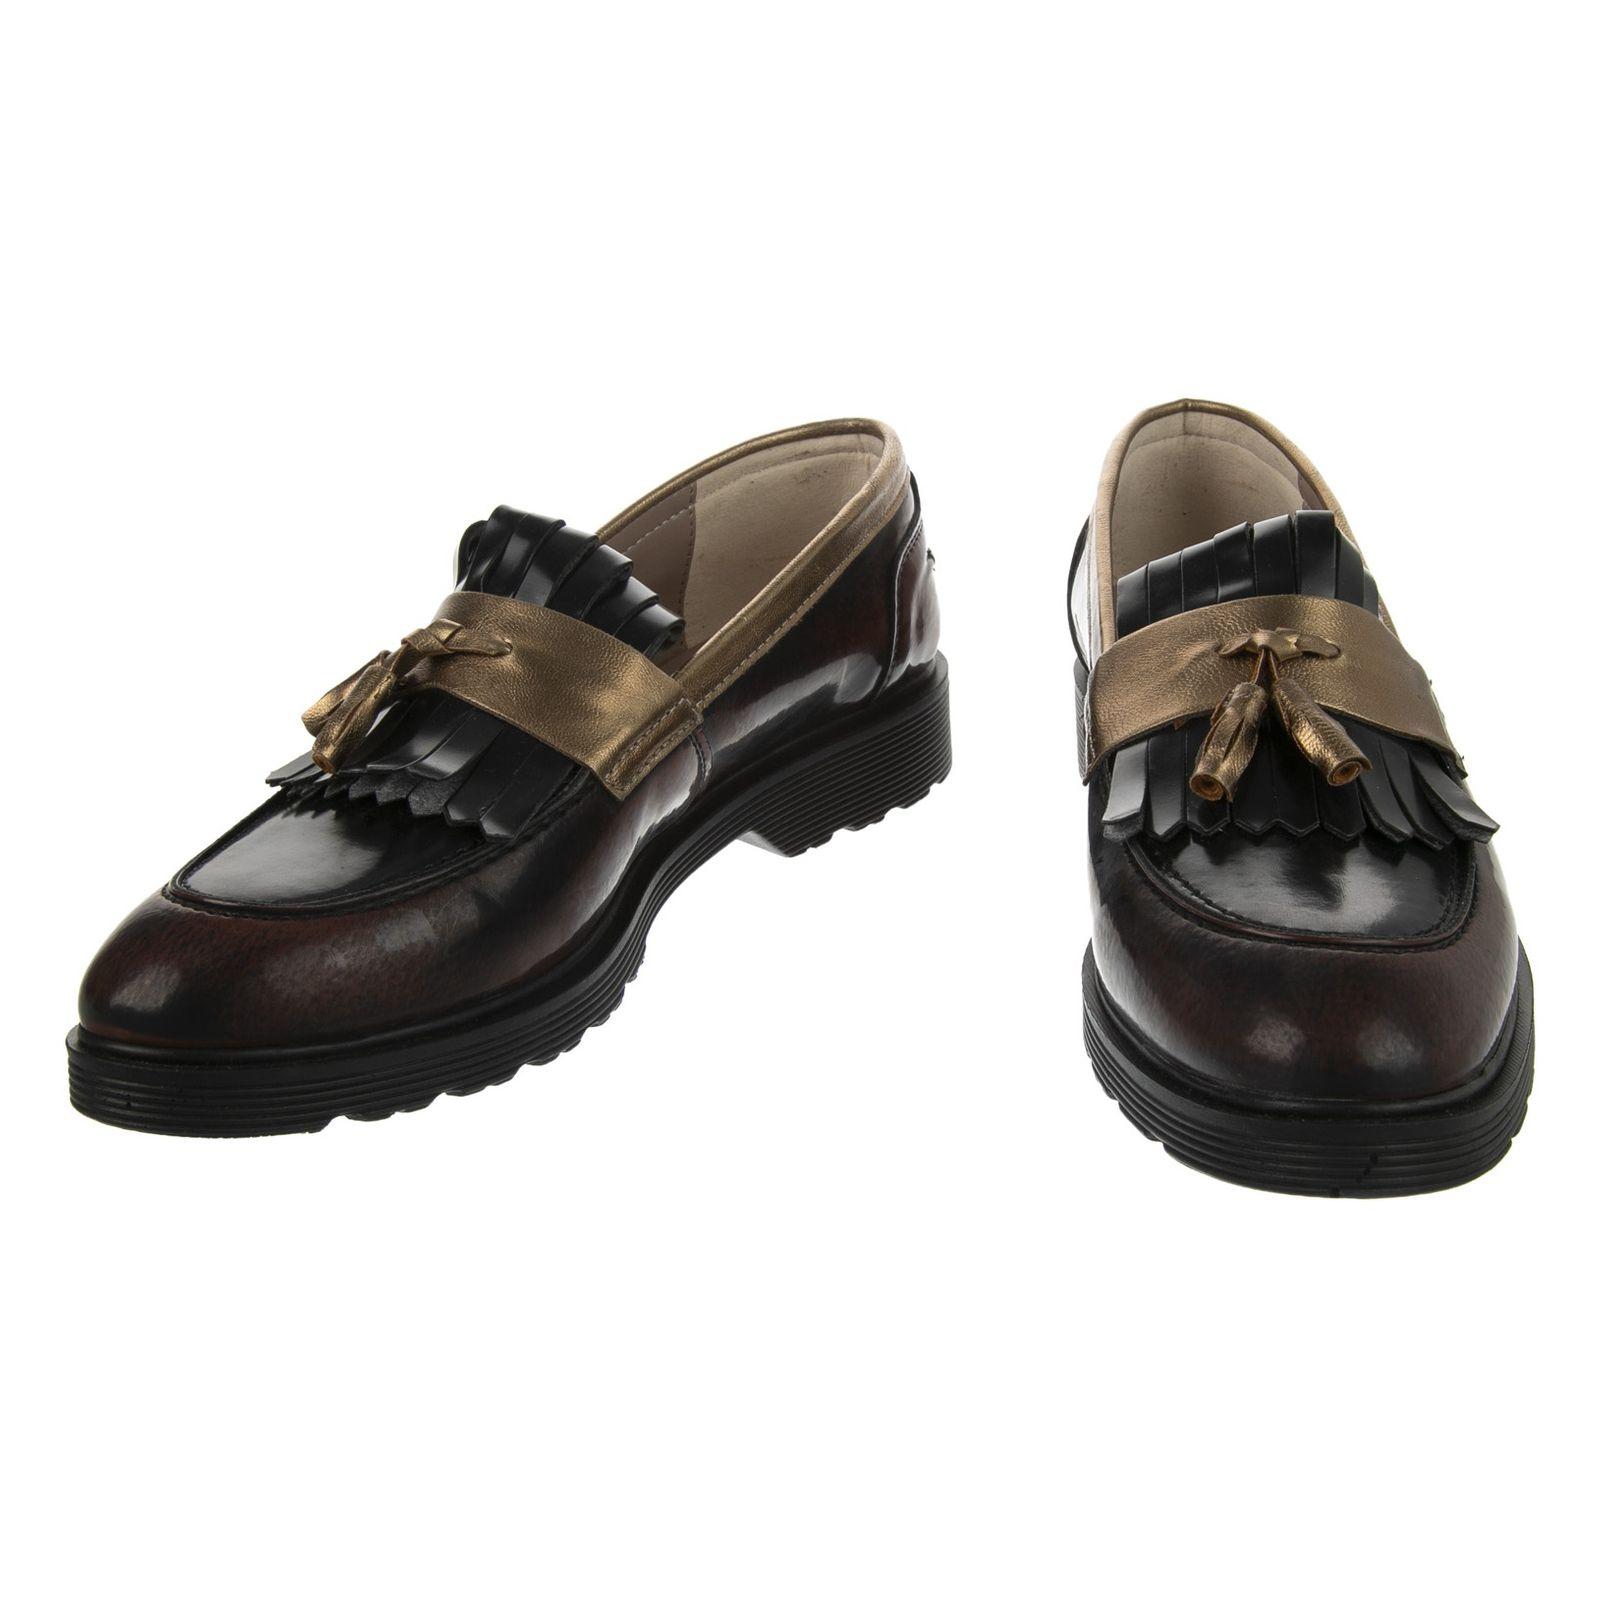 کفش زنانه بوتیگو مدل 100229509-Bu -  - 5